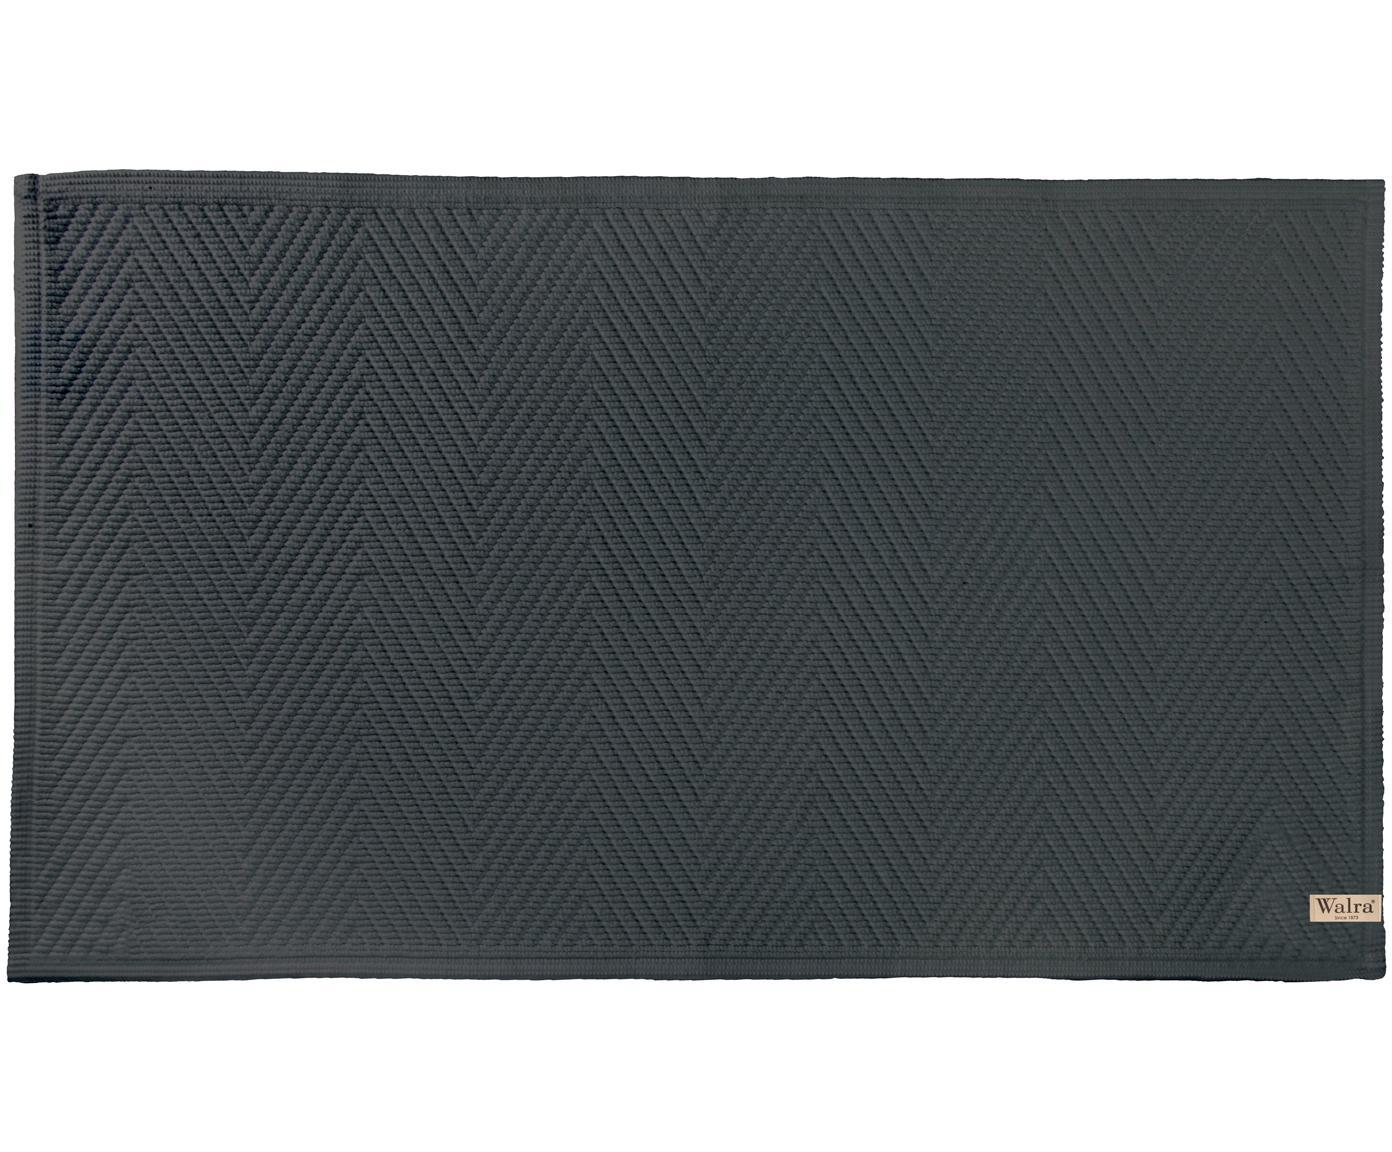 Tappeto bagno con motivo spina di pesce Soft Cotton, Cotone, Antracite, Larg. 60 x Lung. 100 cm